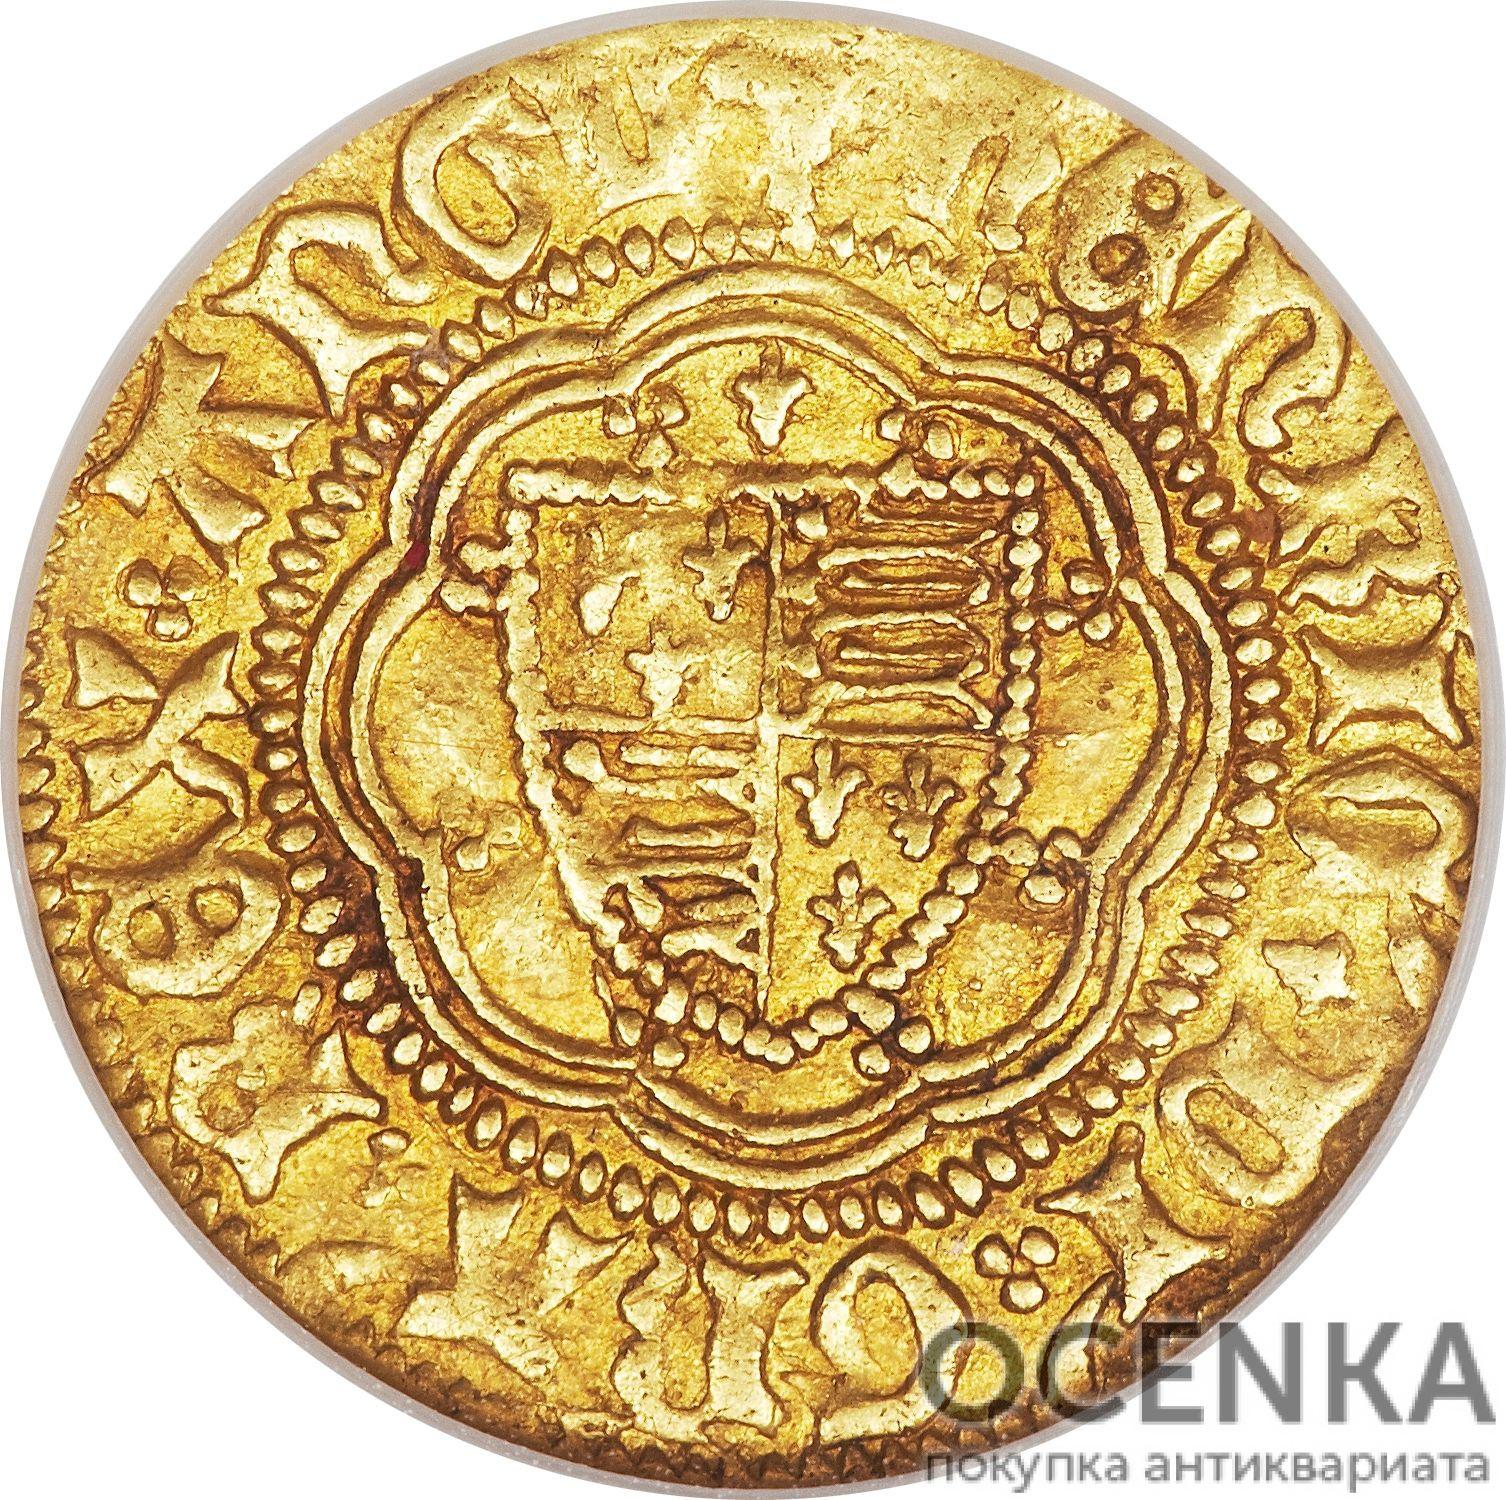 Золотая монета ¼ Noble (1/4 нобля) Великобритания - 7